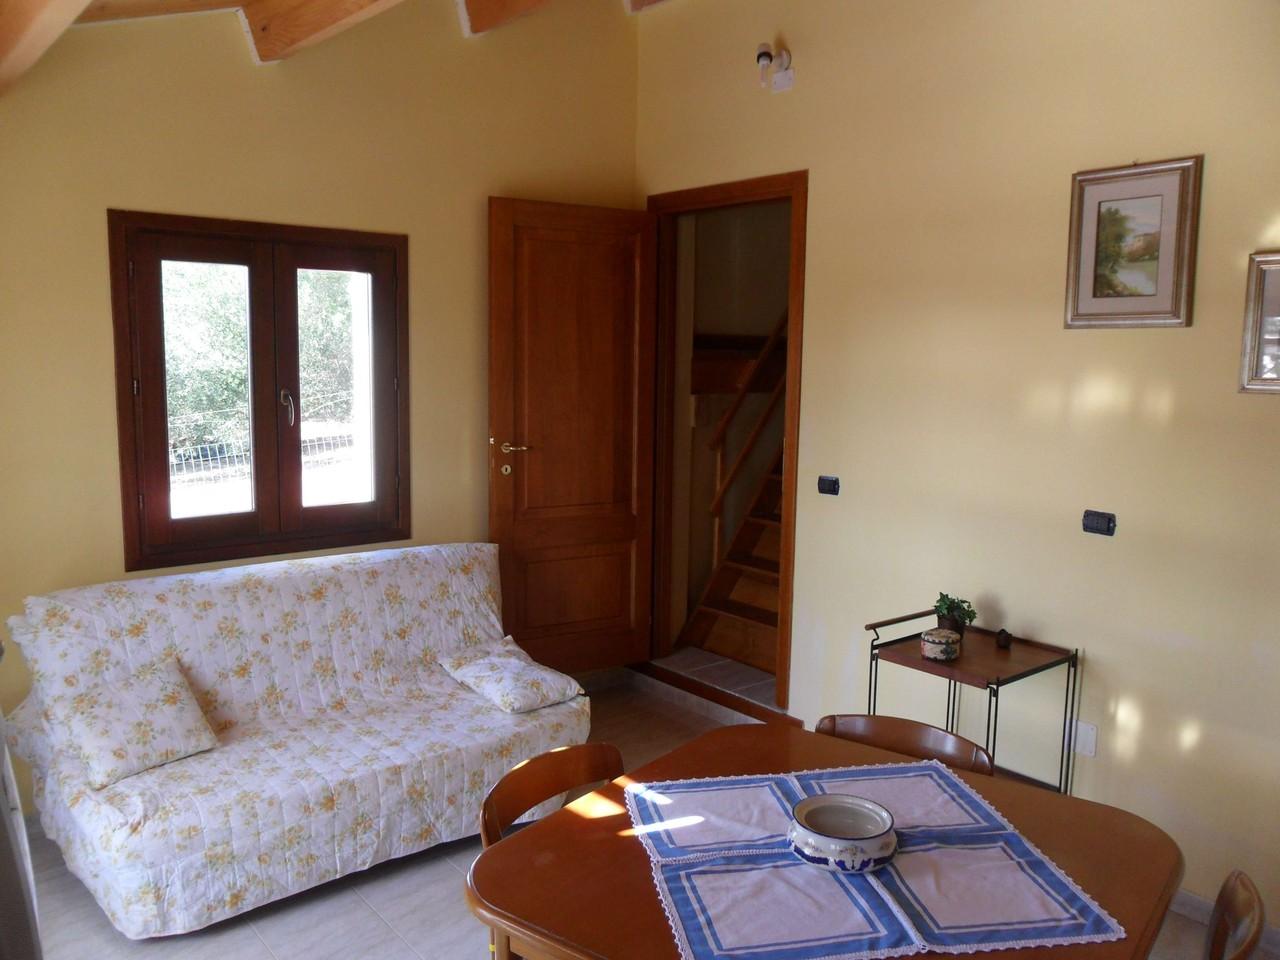 Zona soggiorno con divano letto matrimoniale